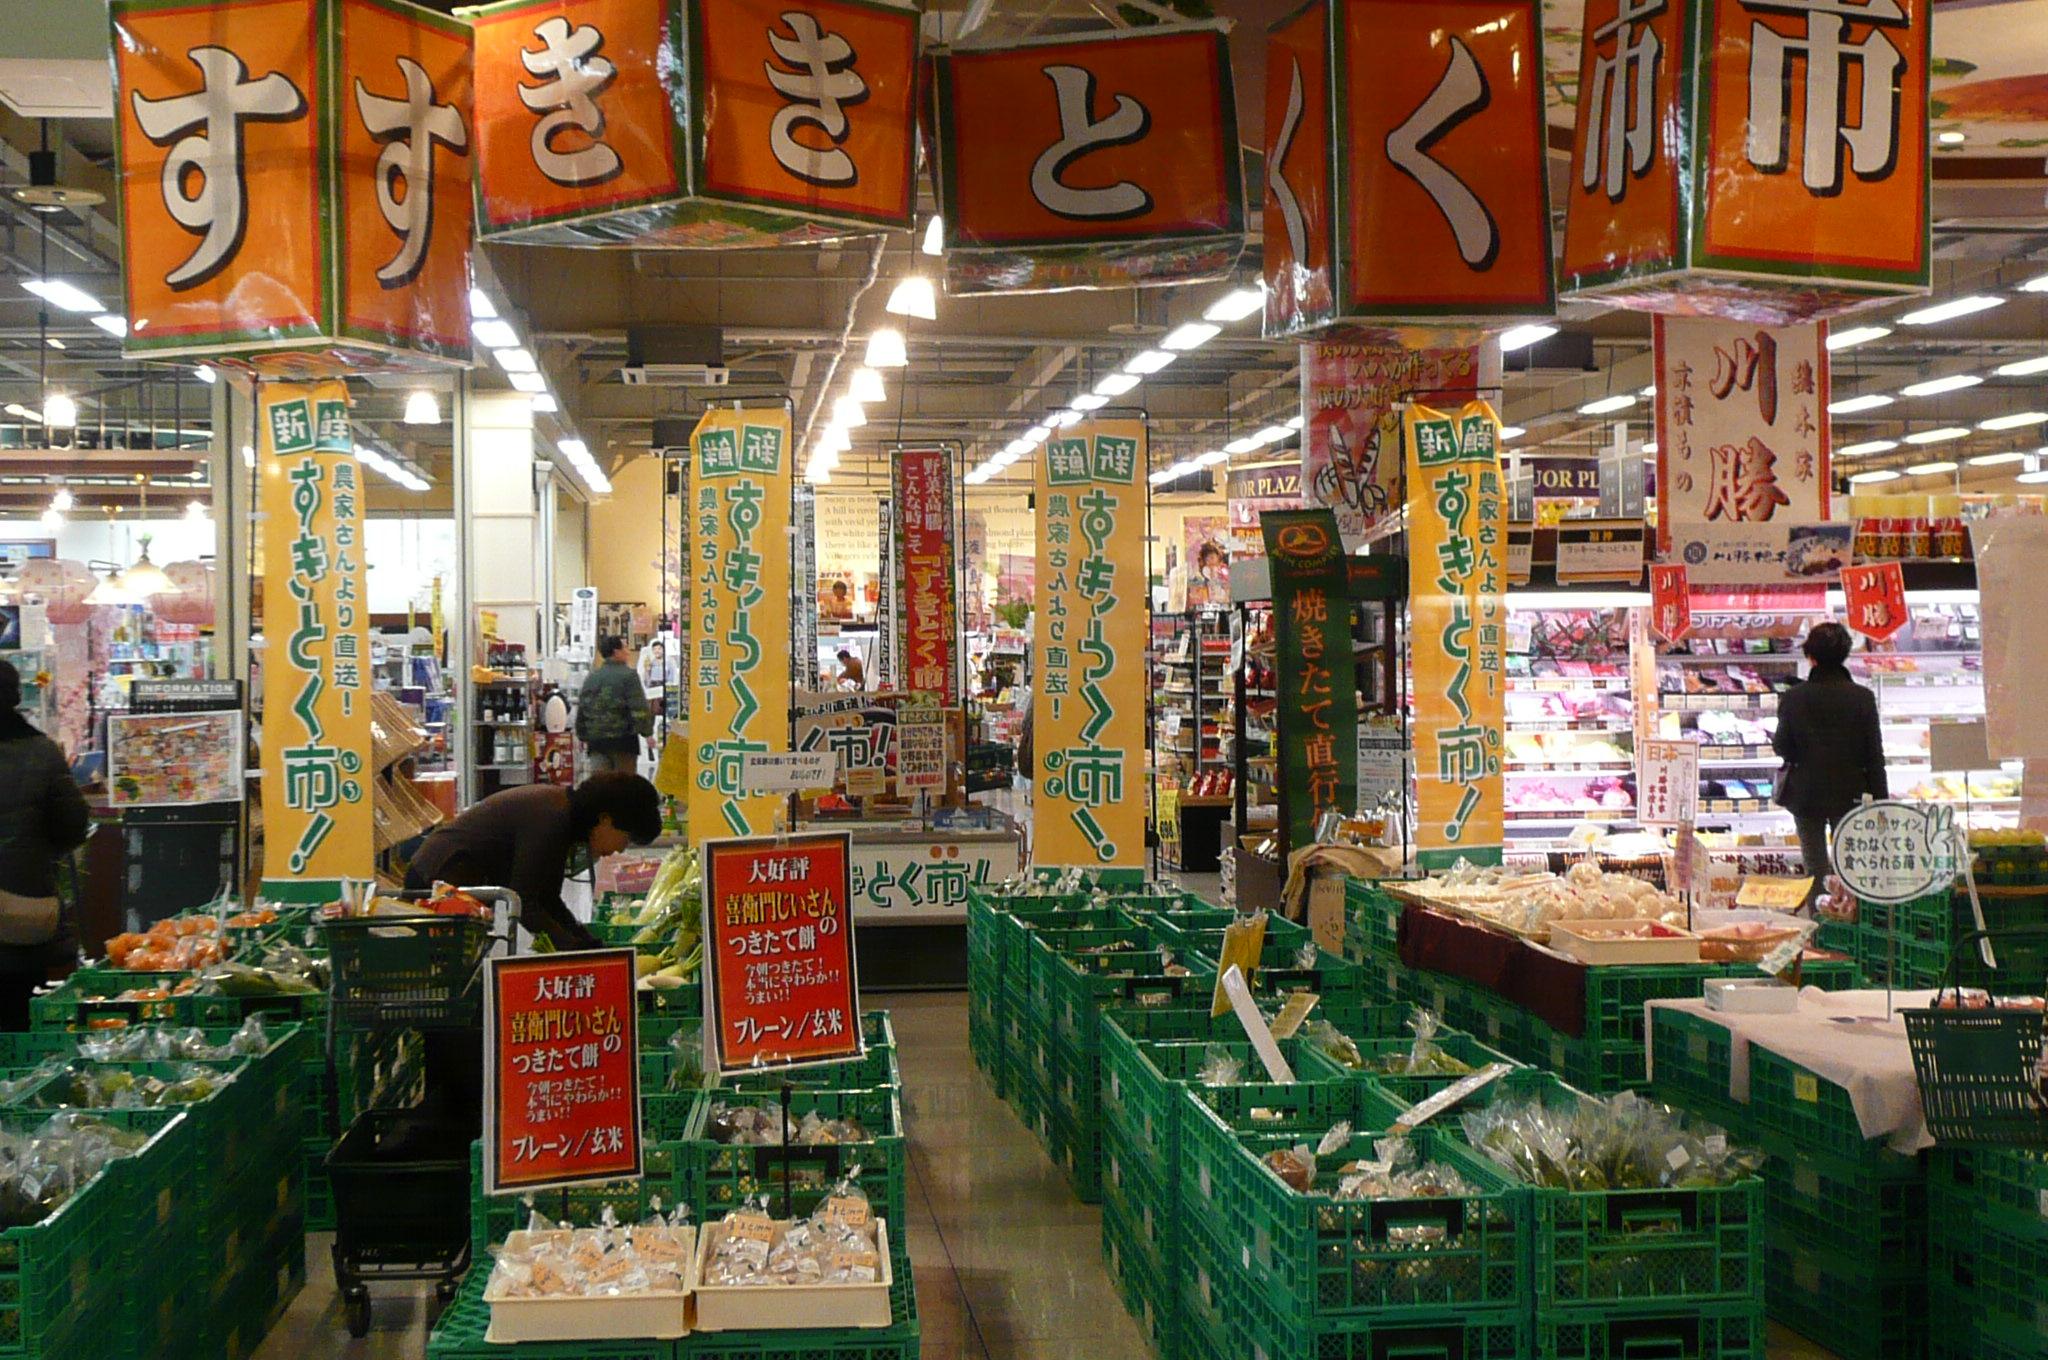 すきとく市とは   地元生産者が、直接キョーエイの店舗で販売する直送市です。地元直送なので、新鮮・安心・お手頃価格です。